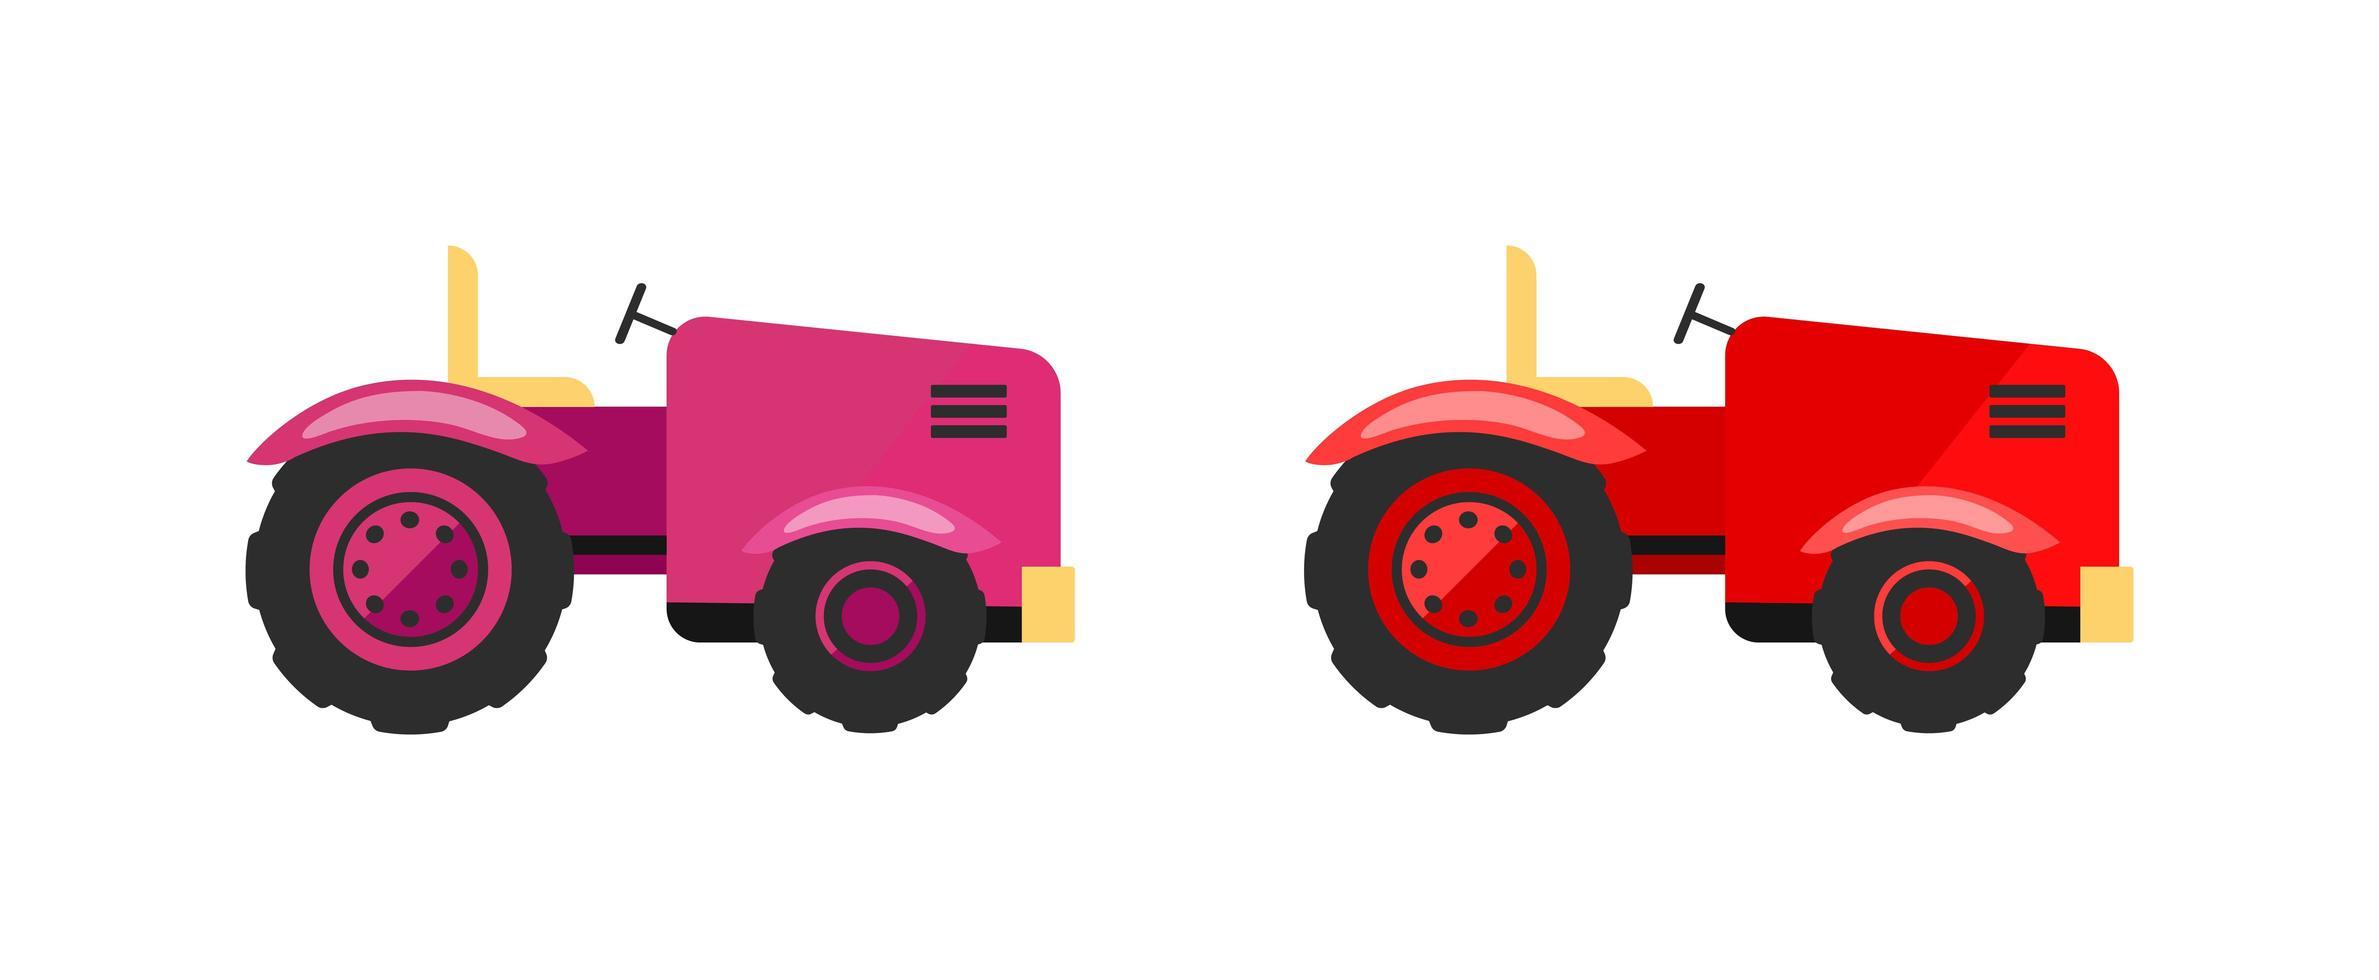 ensemble d'objets vectoriels plats tracteurs vecteur